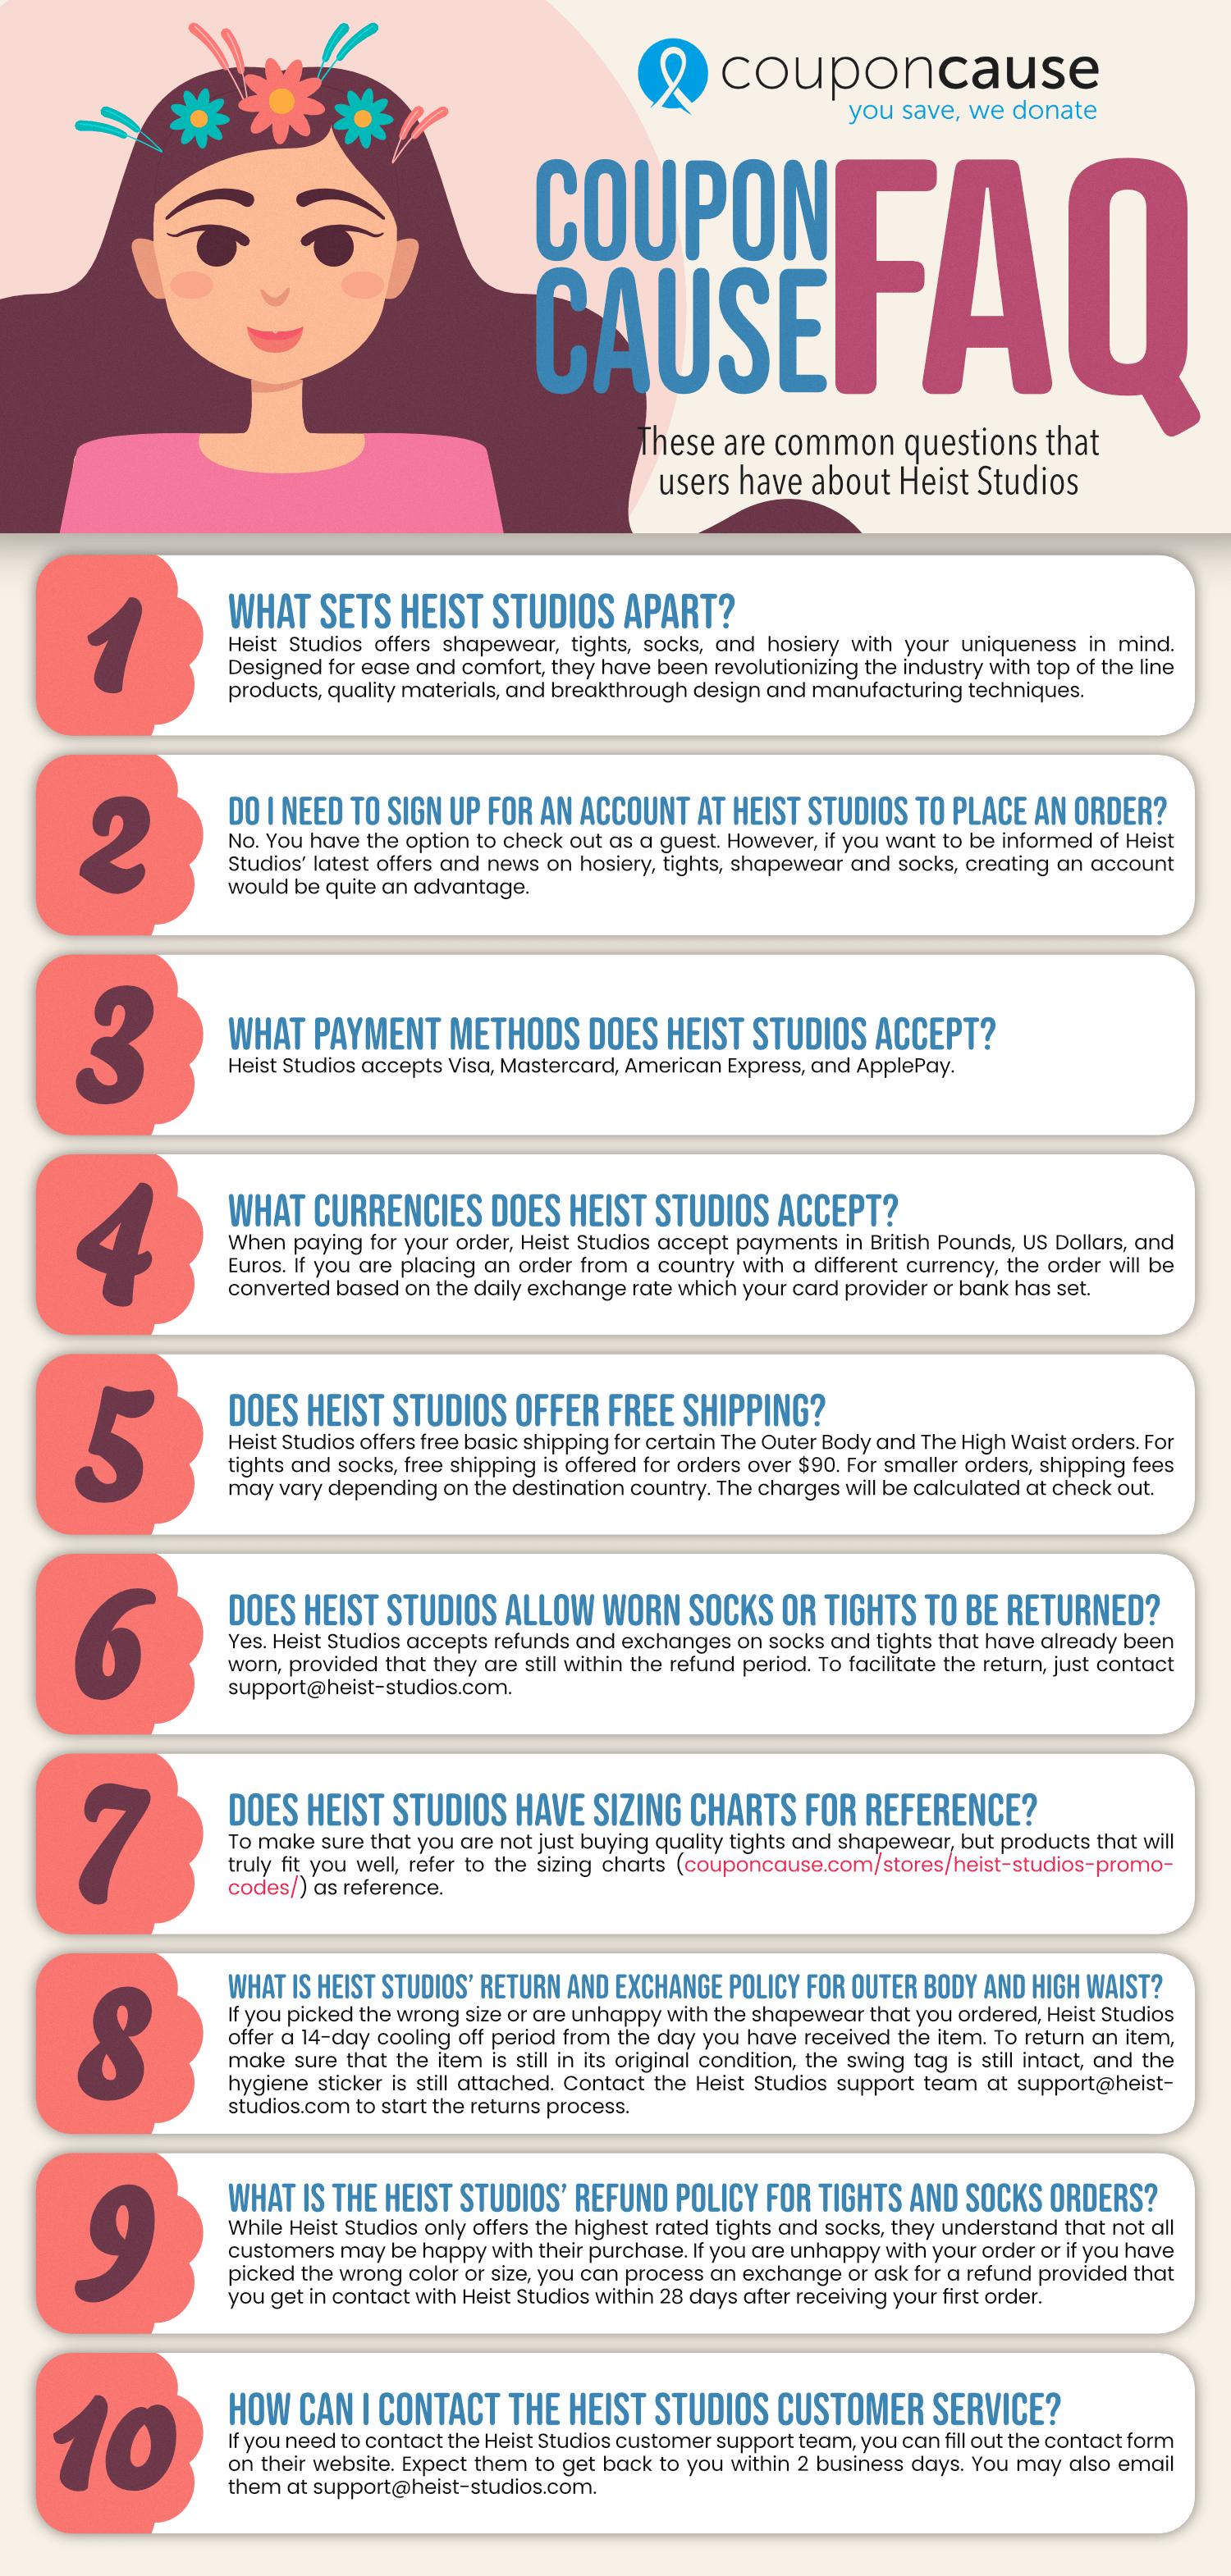 Heist Studios Coupon Cause FAQ (C.C. FAQ)